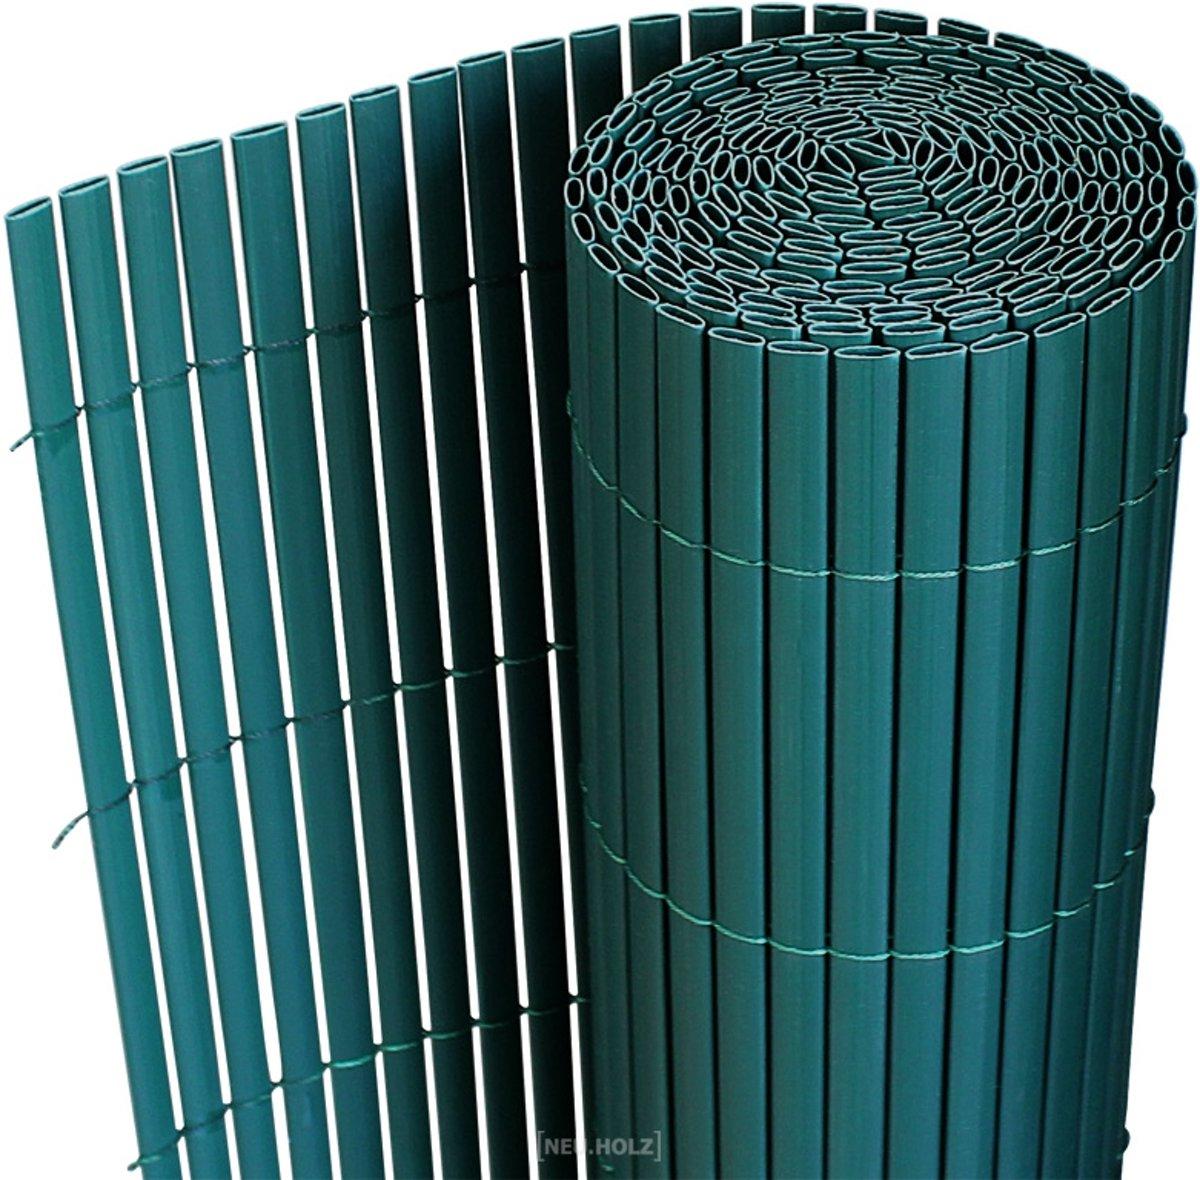 [neu.haus]® Tuinscherm - pvc - 1,5 x 3m - groen kopen